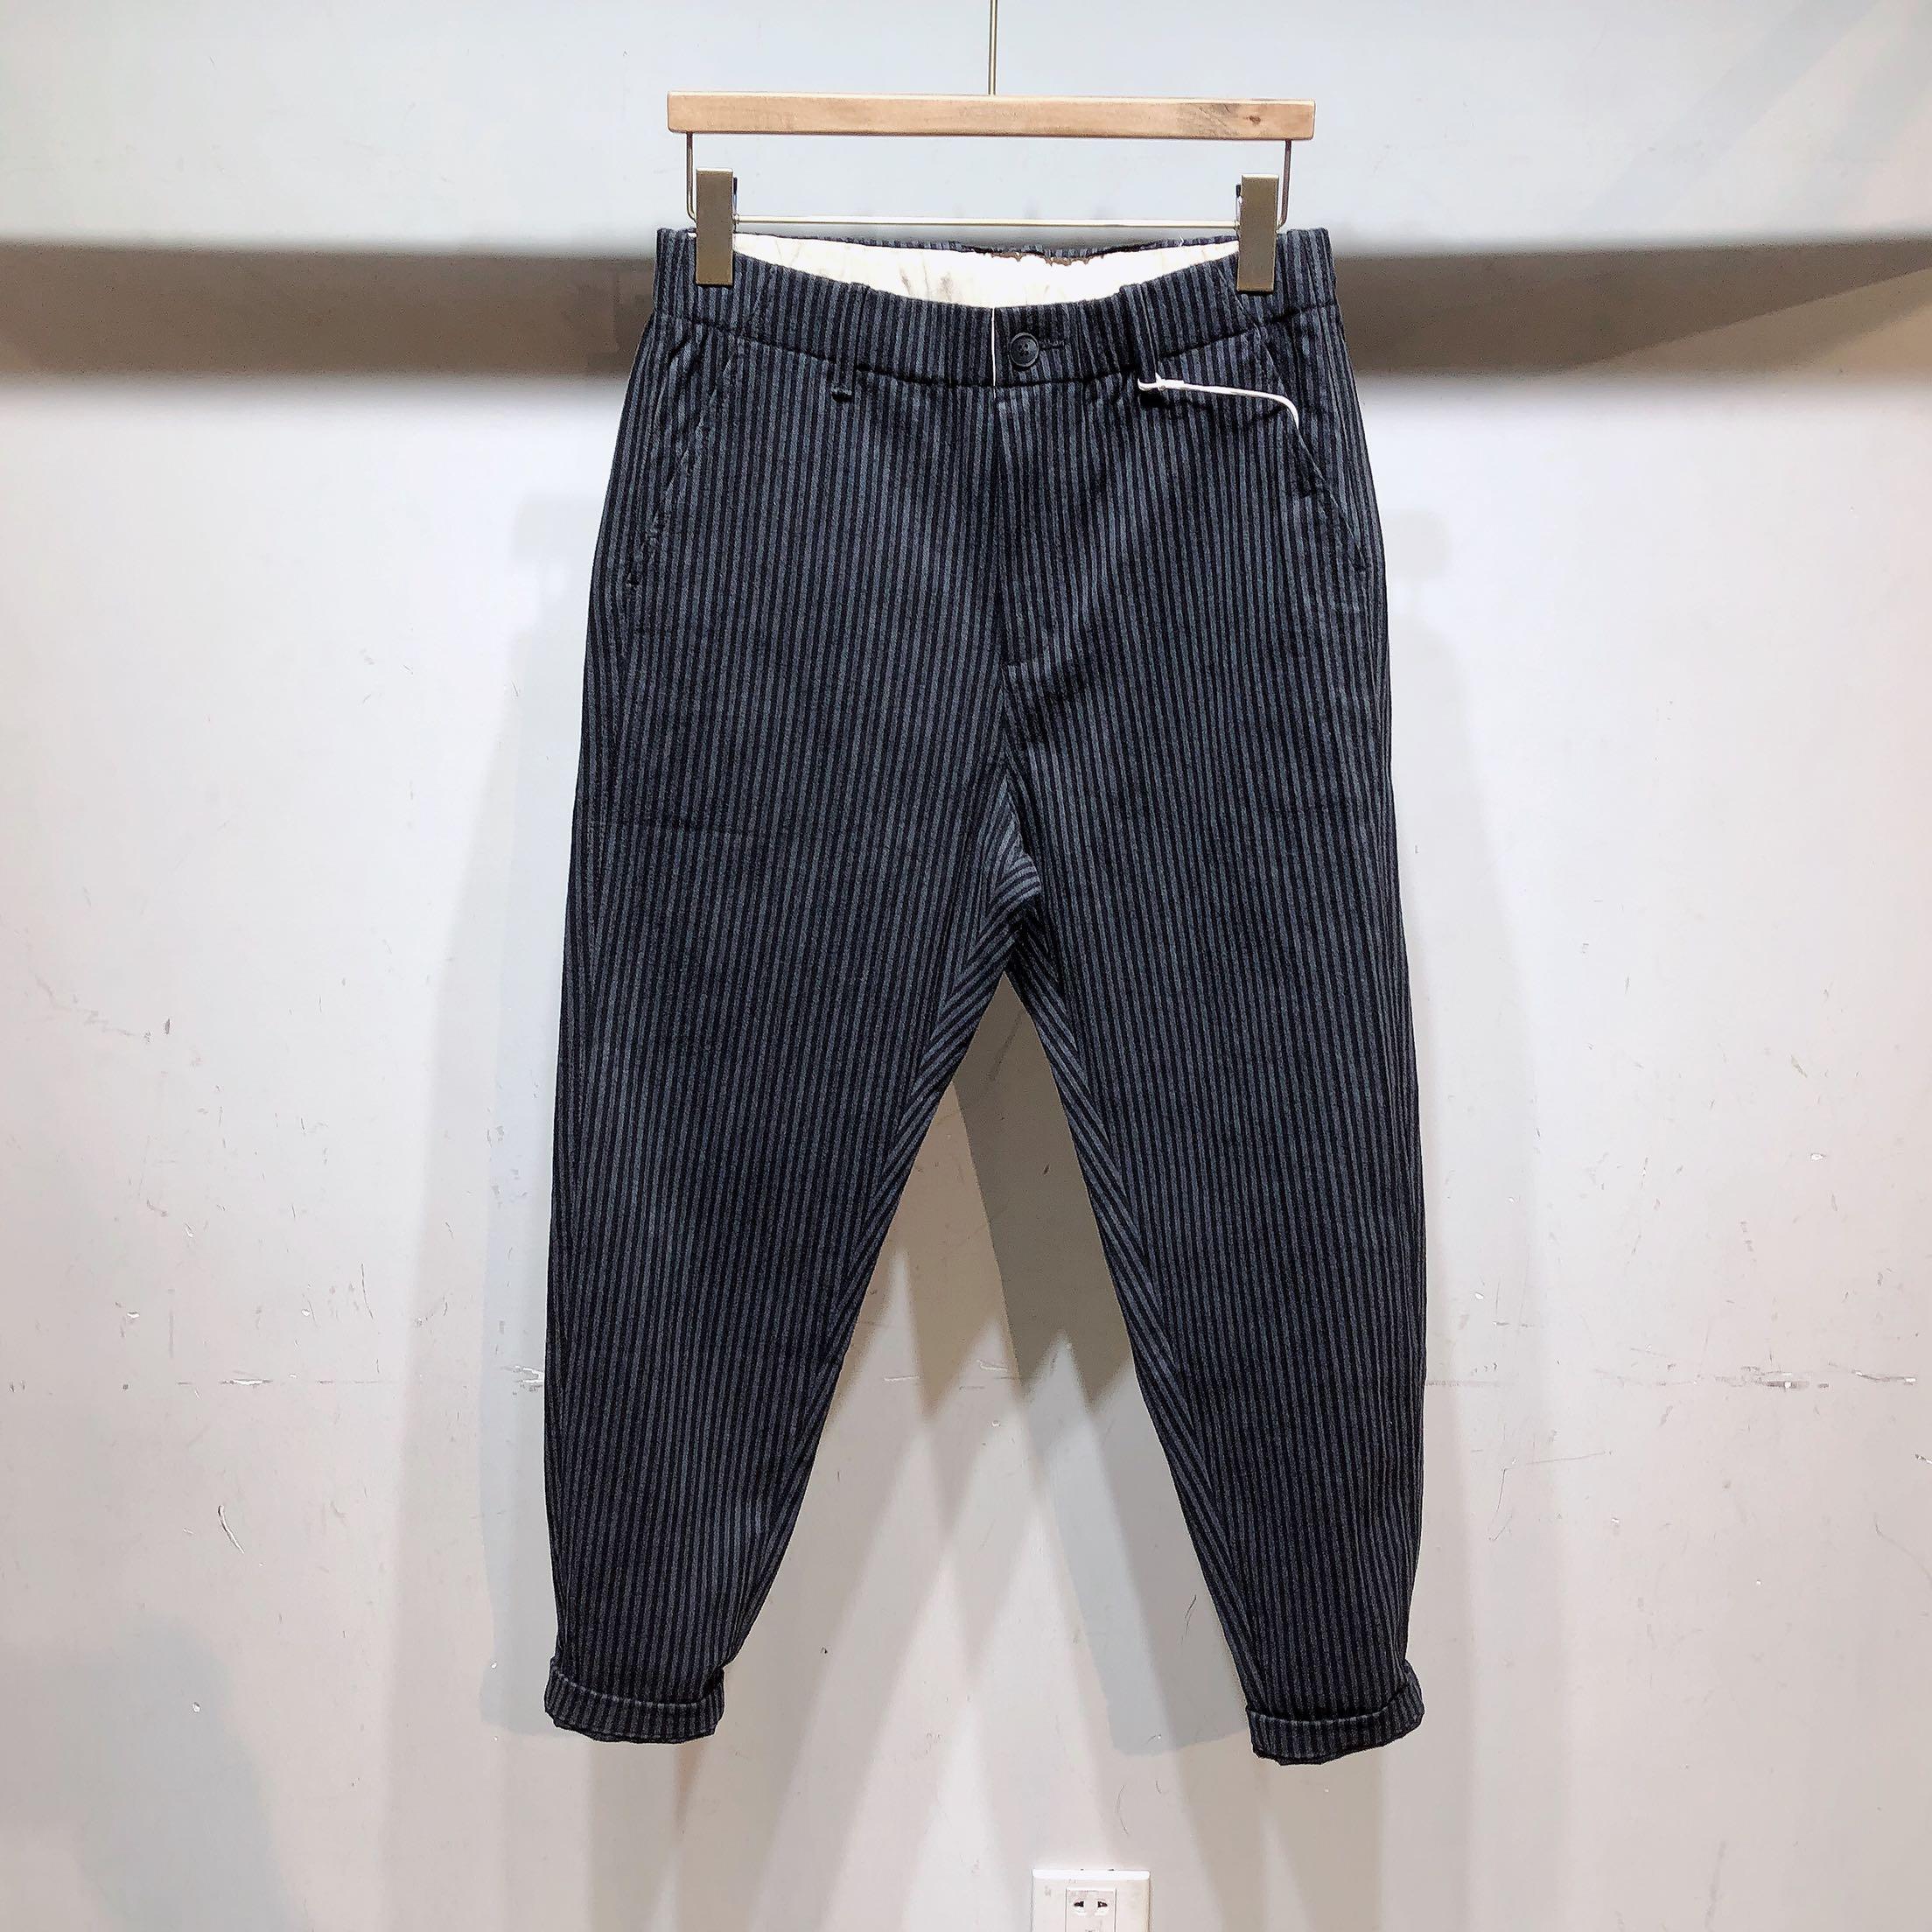 2019AVH秋冬新款男士条纹休闲长裤百搭松紧腰修身韩版潮流小脚裤